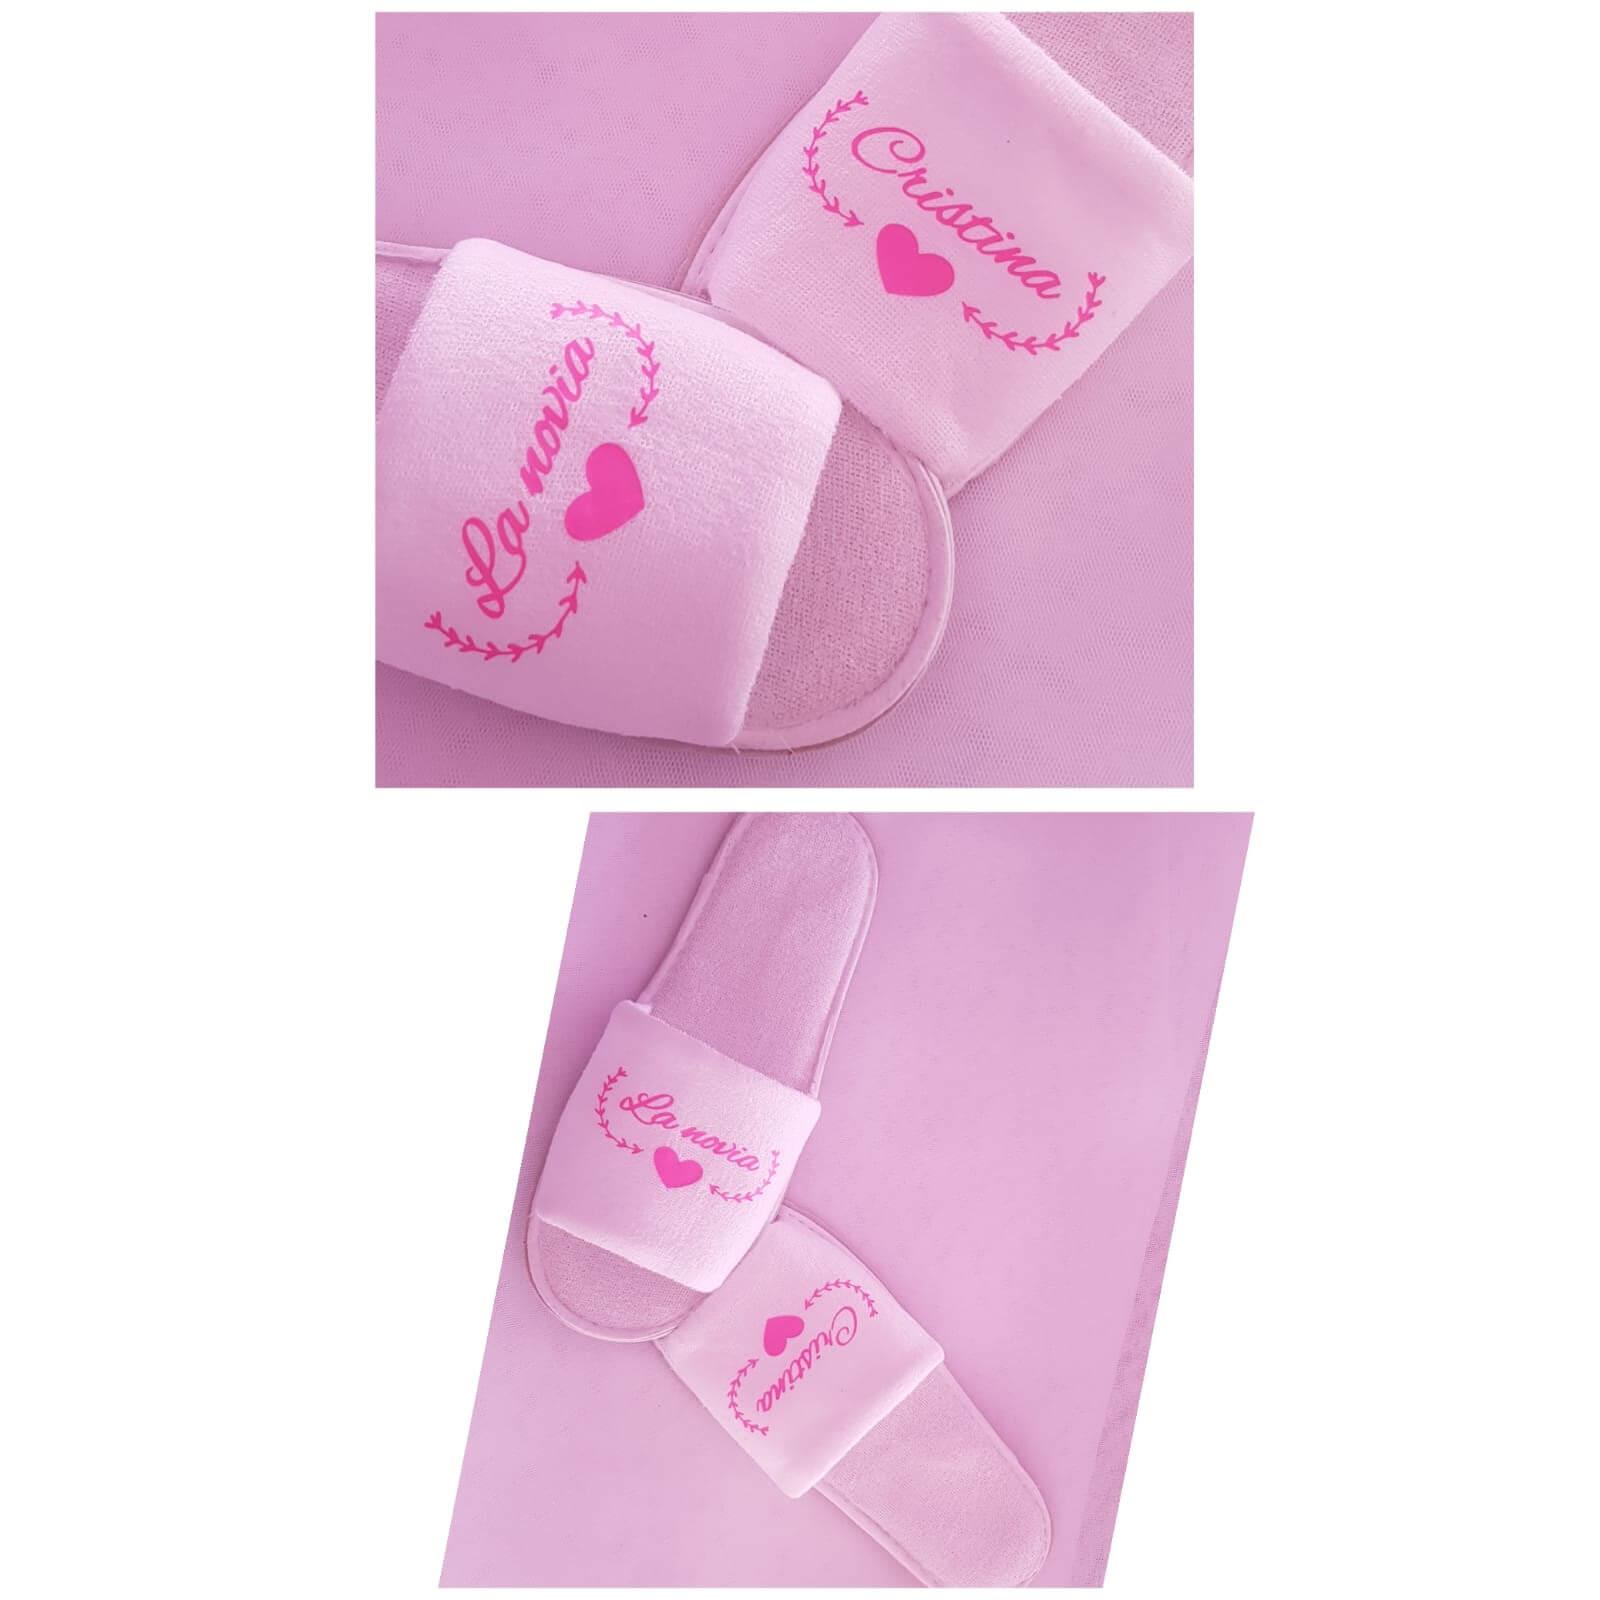 bata personalizada zapatillas personalizadas novia - Bata y Zapatillas Personalizadas 3 - Zapatillas personalizadas novia | Zapatillas personalizadas boda